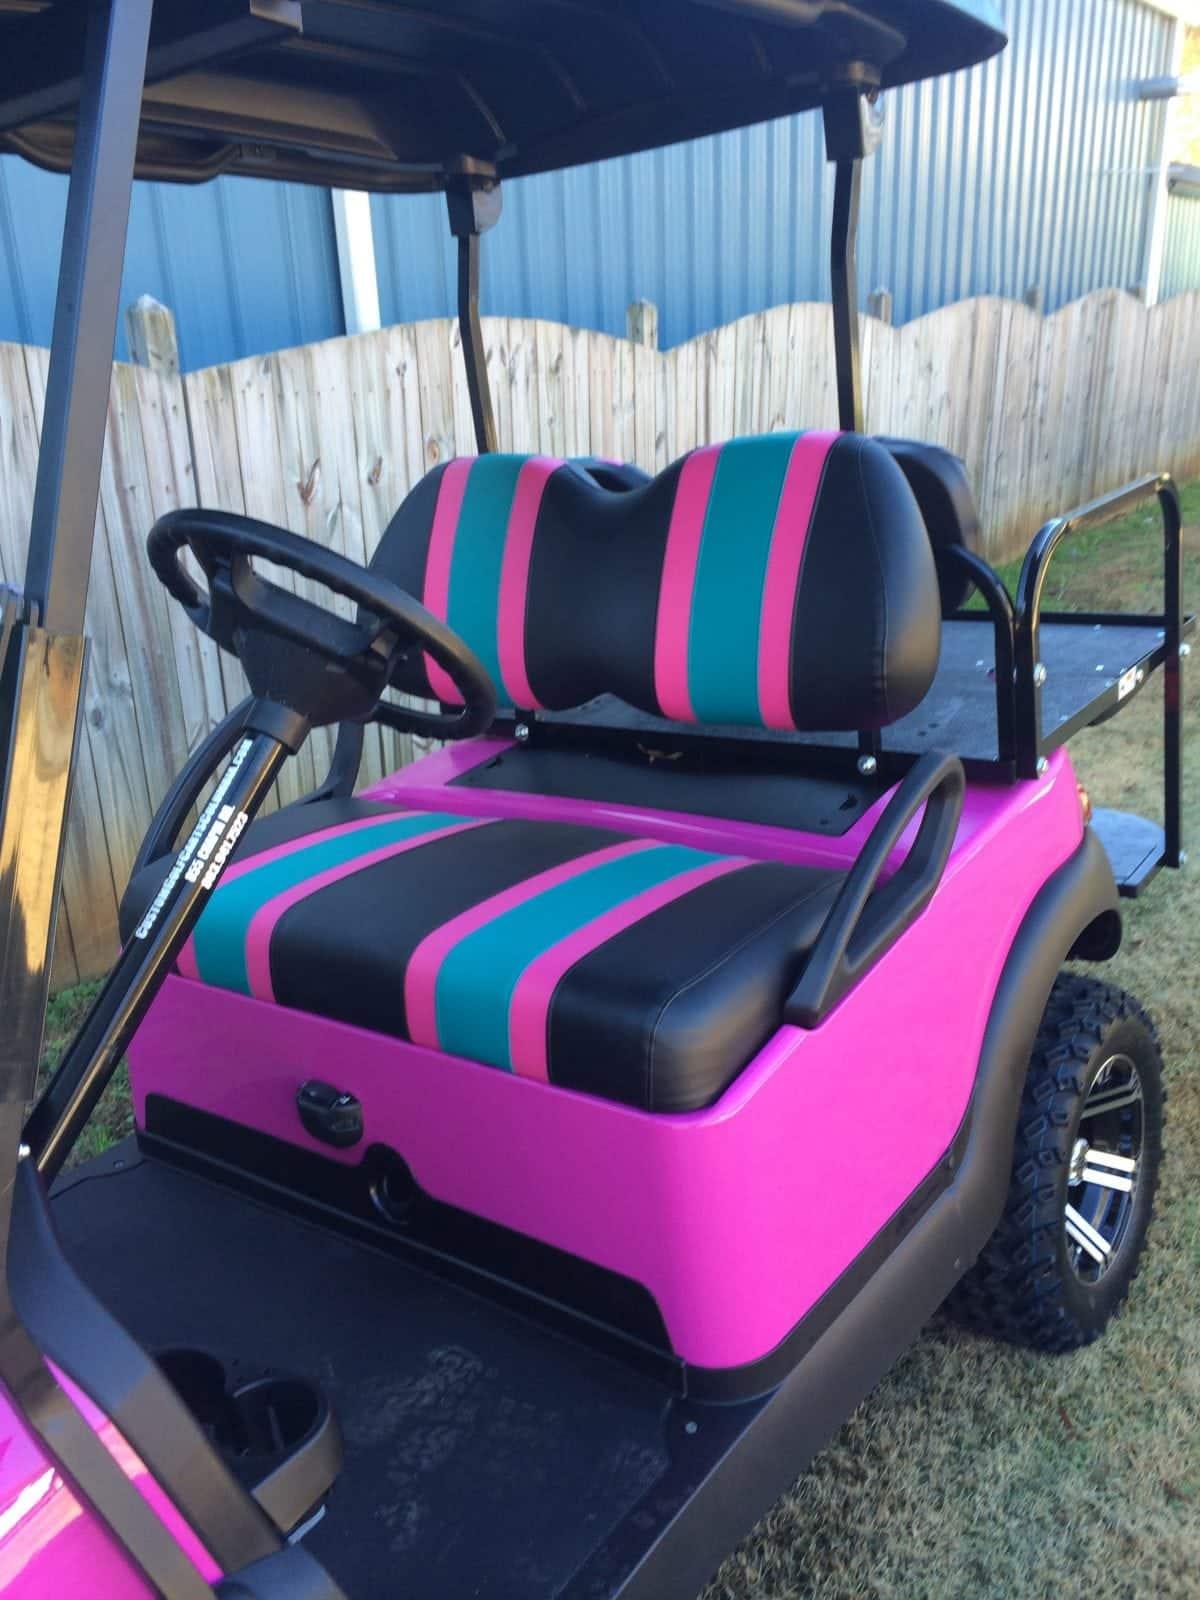 Custom Golf Carts Columbia Sales Services Amp Parts Pink Club Car Precedent Golf Cart